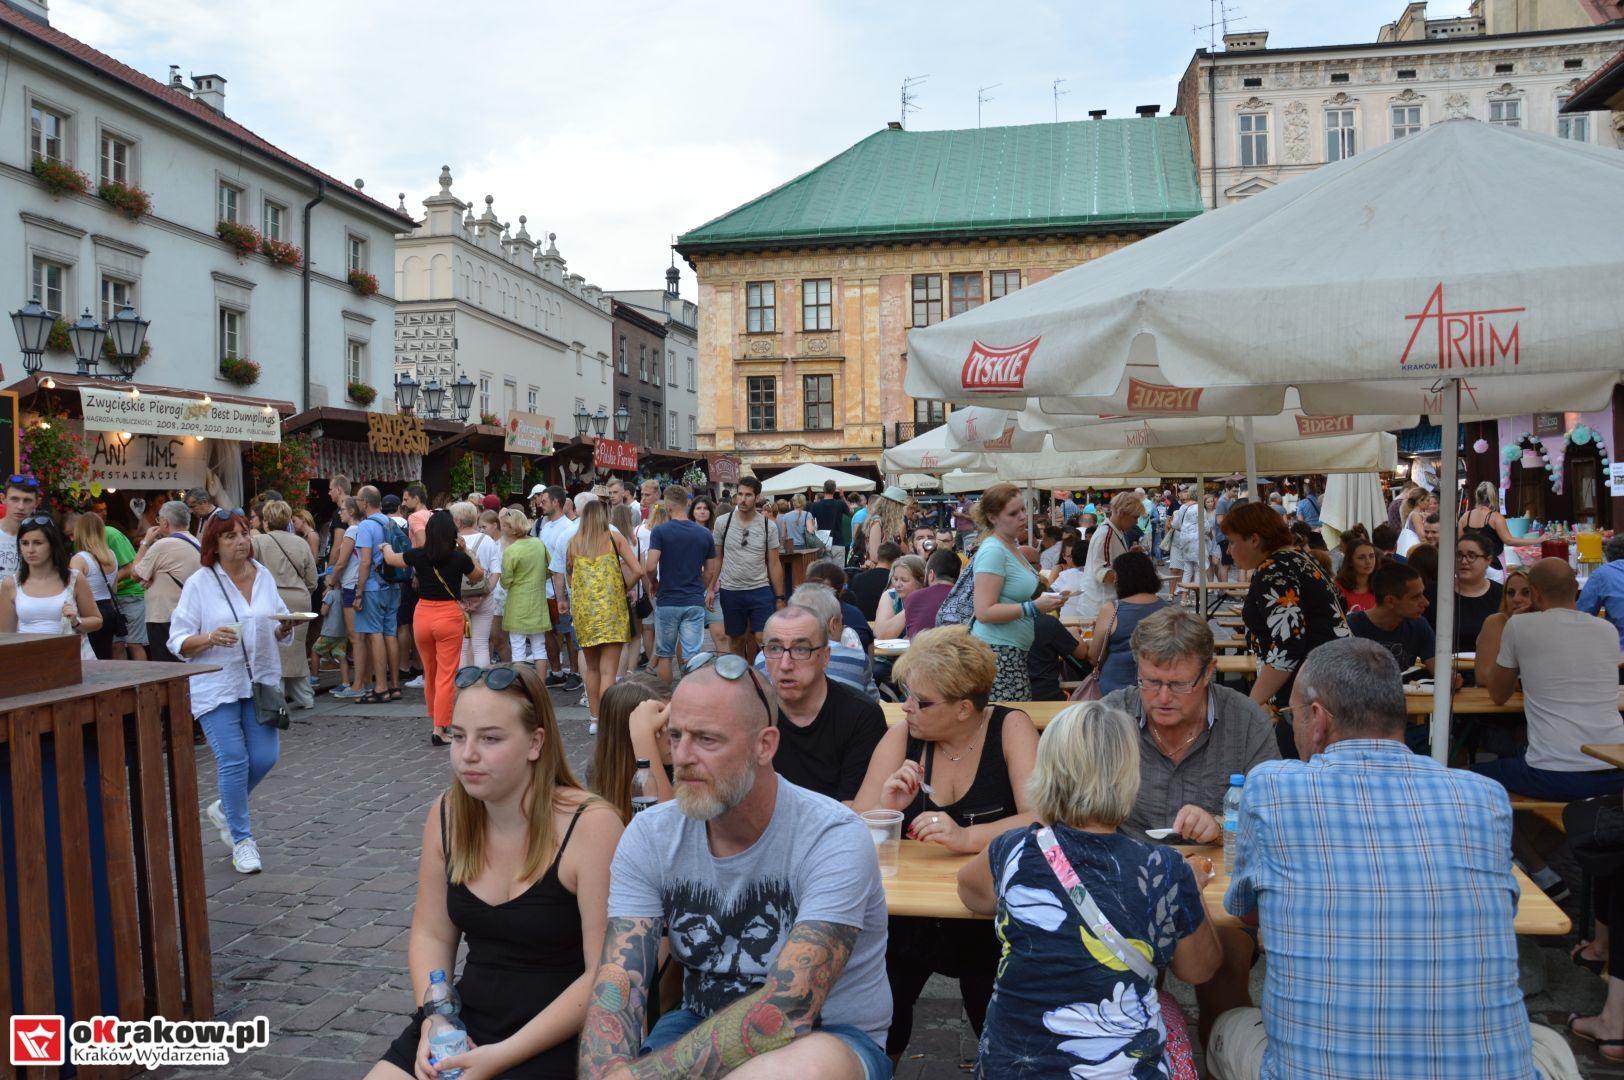 krakow festiwal pierogow maly rynek koncert cheap tobacco 50 150x150 - Galeria zdjęć Festiwal Pierogów Kraków 2018 + zdjęcia z koncertu Cheap Tobacco